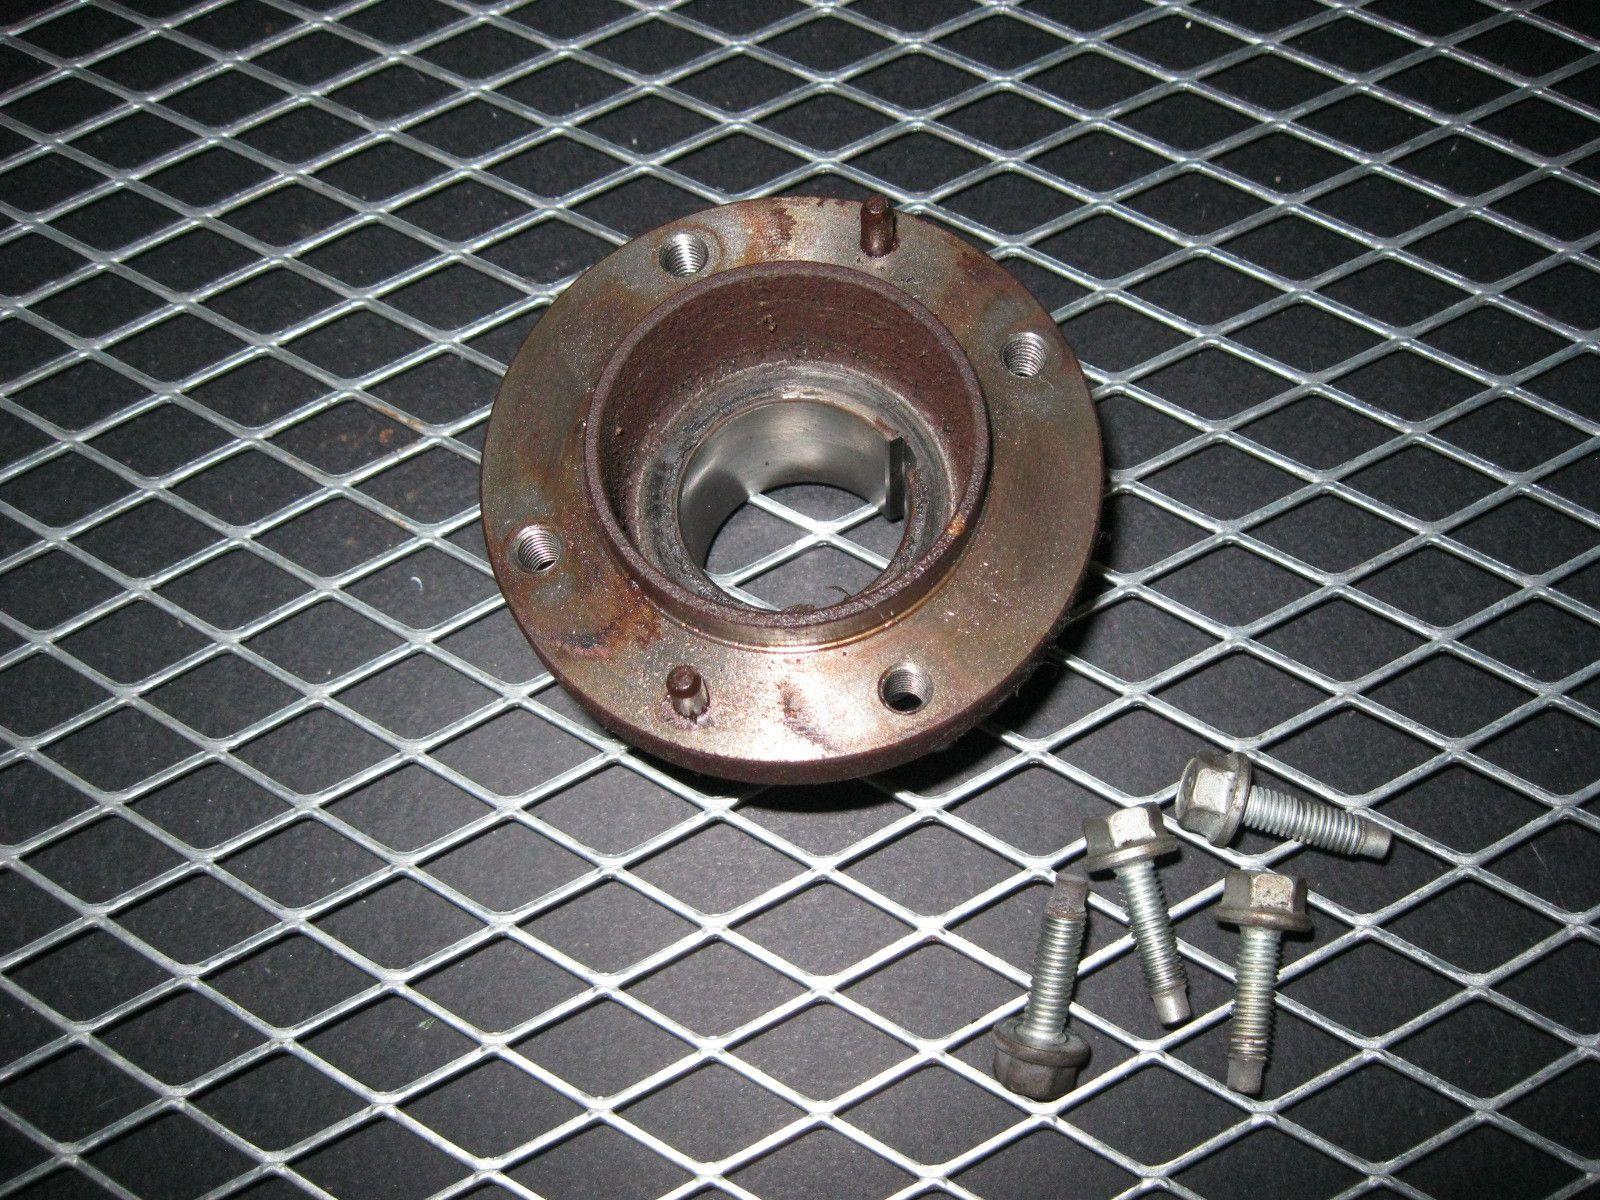 04 05 06 07 08 Mazda RX8 JDM 13B Renesis OEM Rear Eccentric